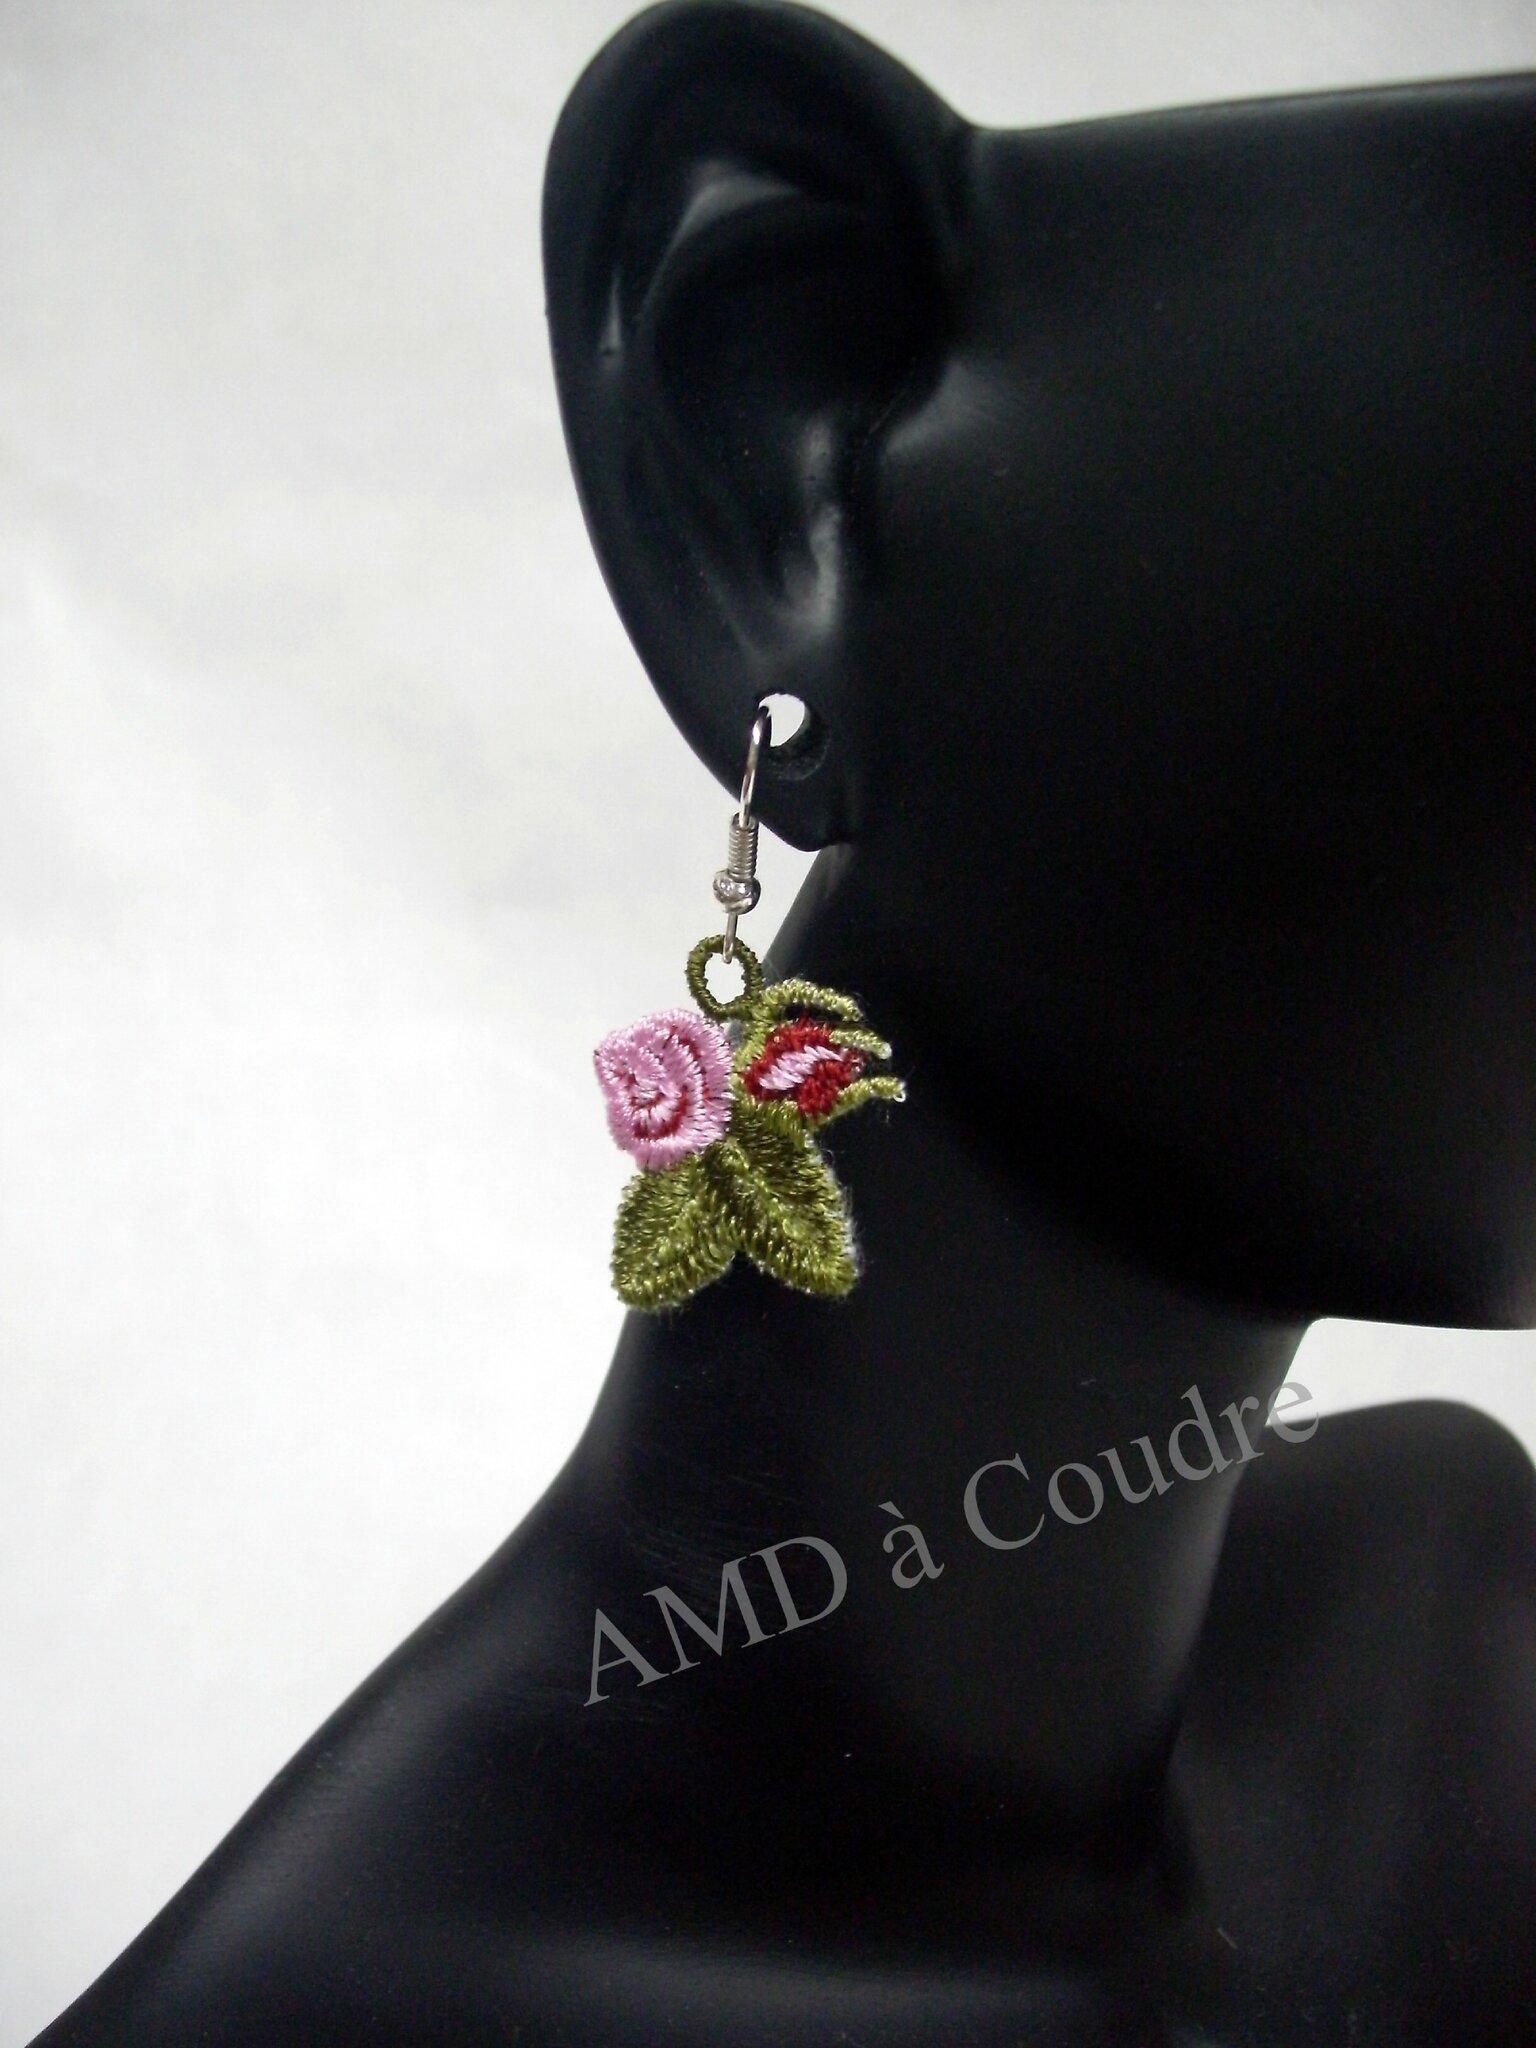 boucle d'oreilles brodées, petites roses bijoux fantaisie par amd a coudre (2)